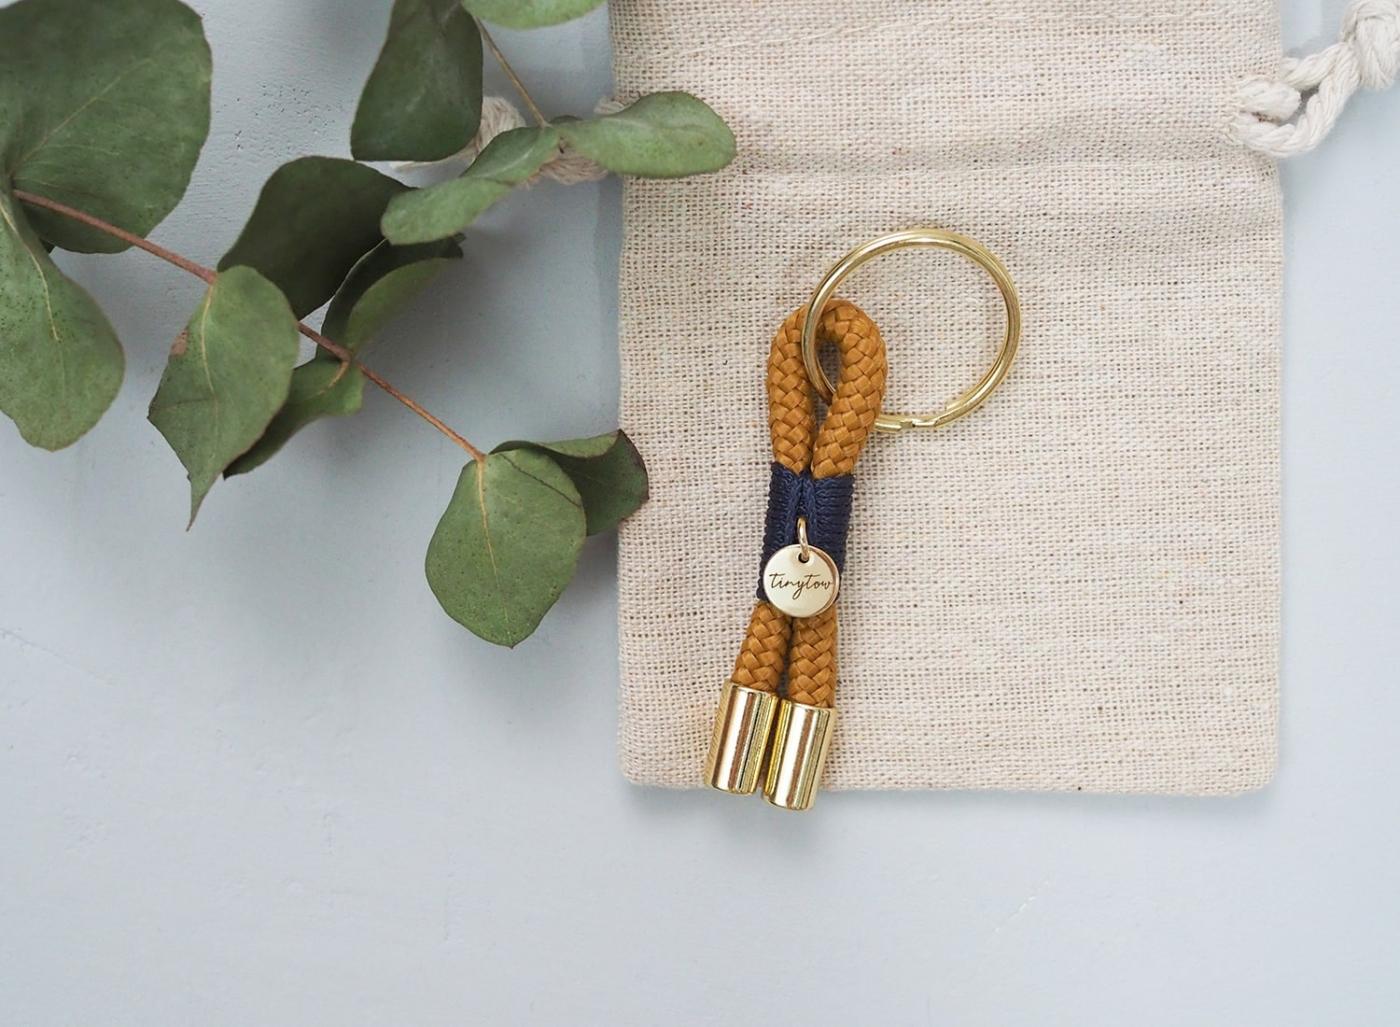 Schlüsselanhänger aus Tau in camel mit blauer Umwickelung (Takelung), goldenen Details und Leinen-Säckchen.